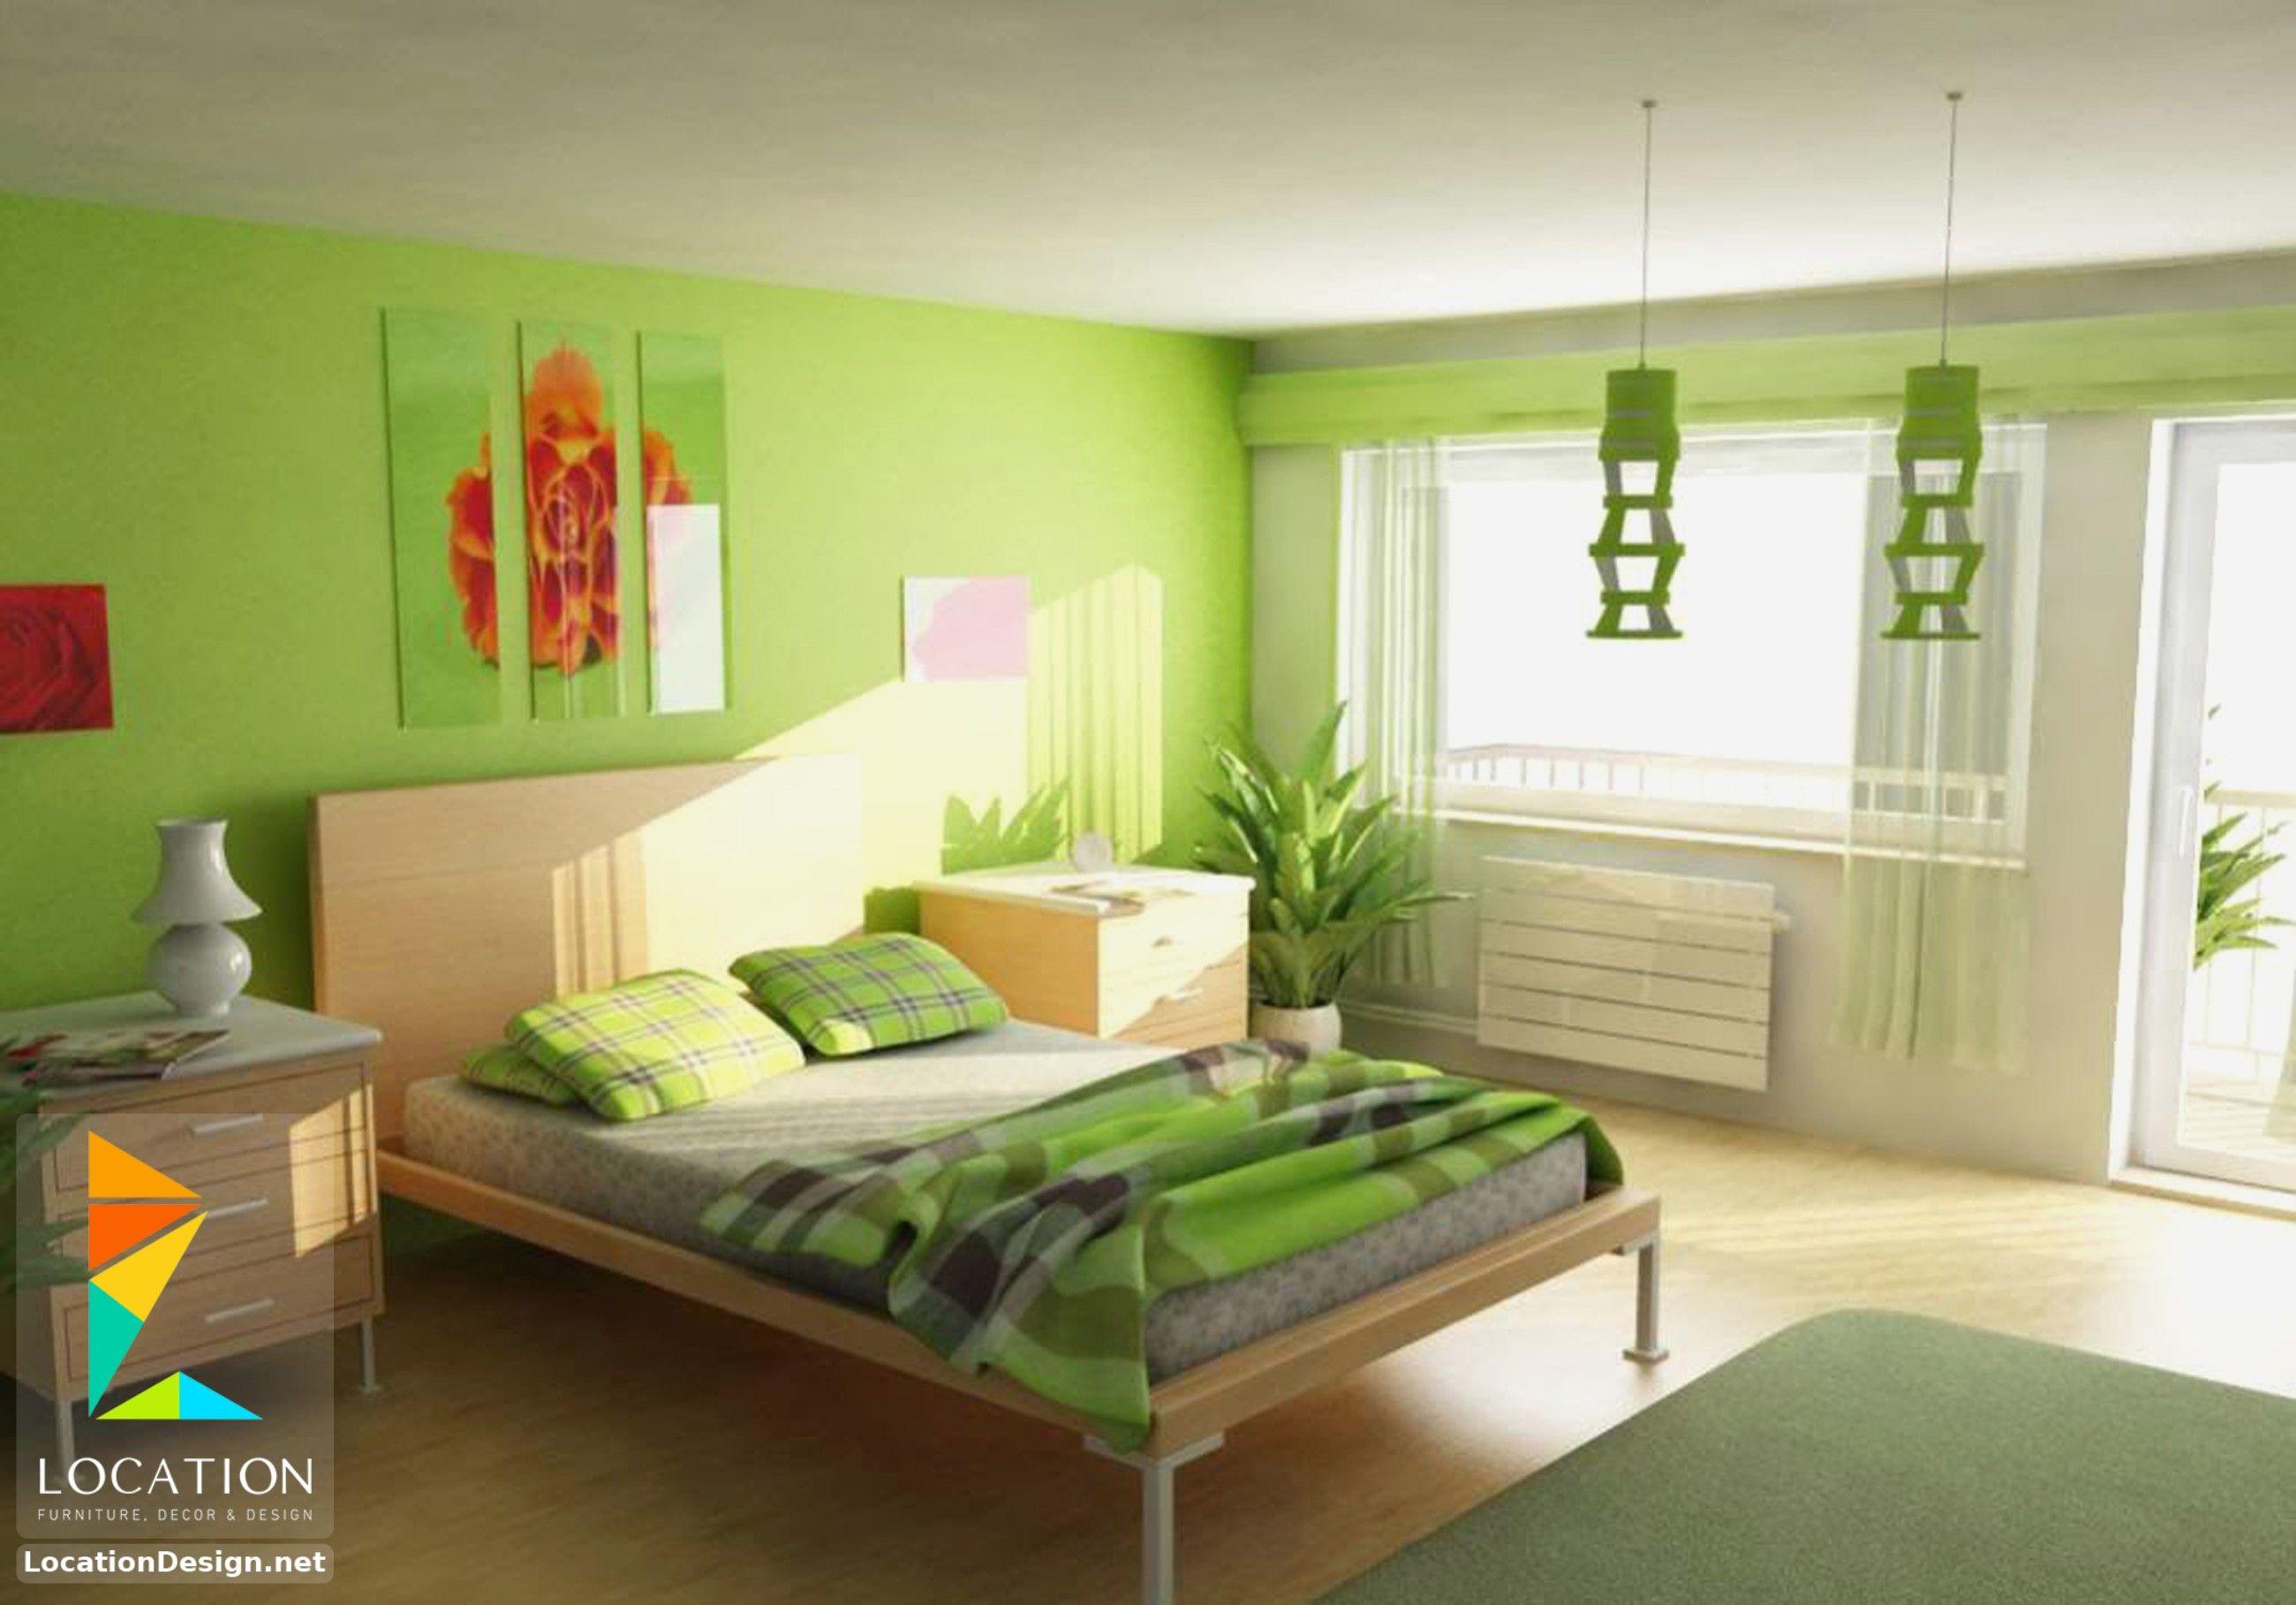 ديكورات غرف نوم صغيرة وبسيطة لوكشين ديزين نت Green Bedroom Walls Bedroom Color Schemes Dark Living Room Decor